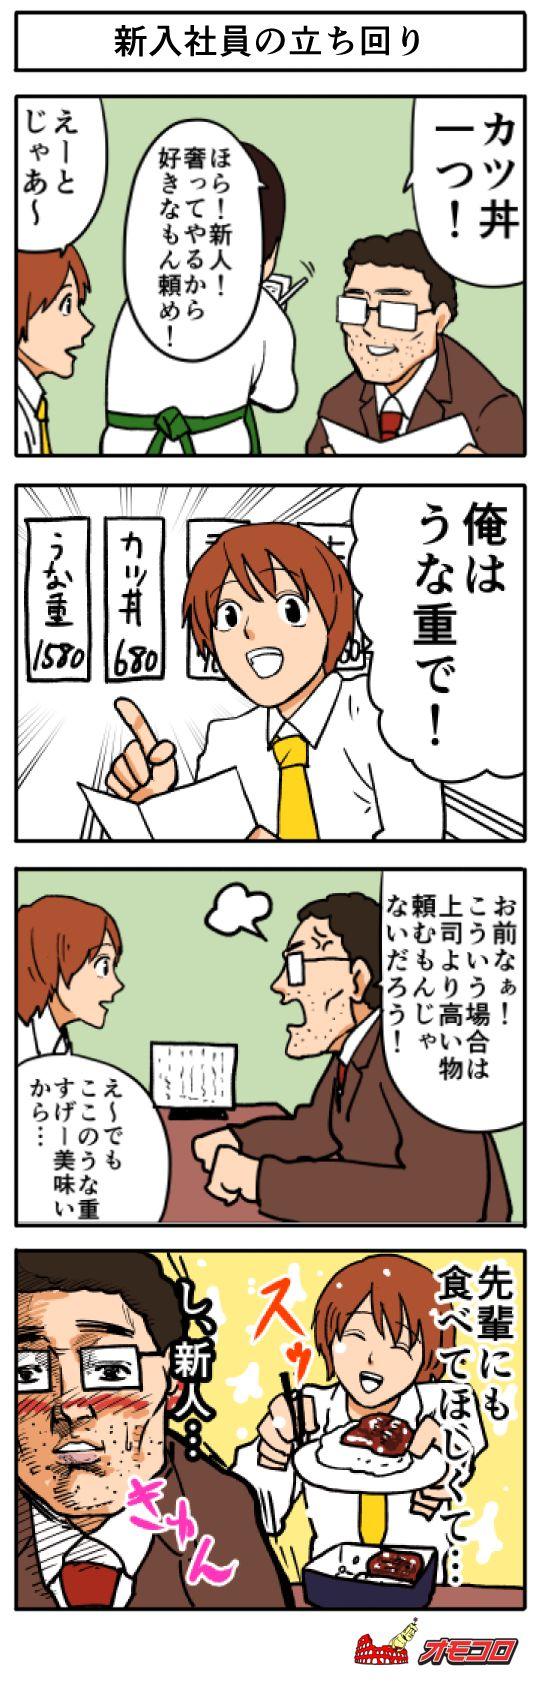 【4コマ漫画】新入社員の立ち回り | オモコロ